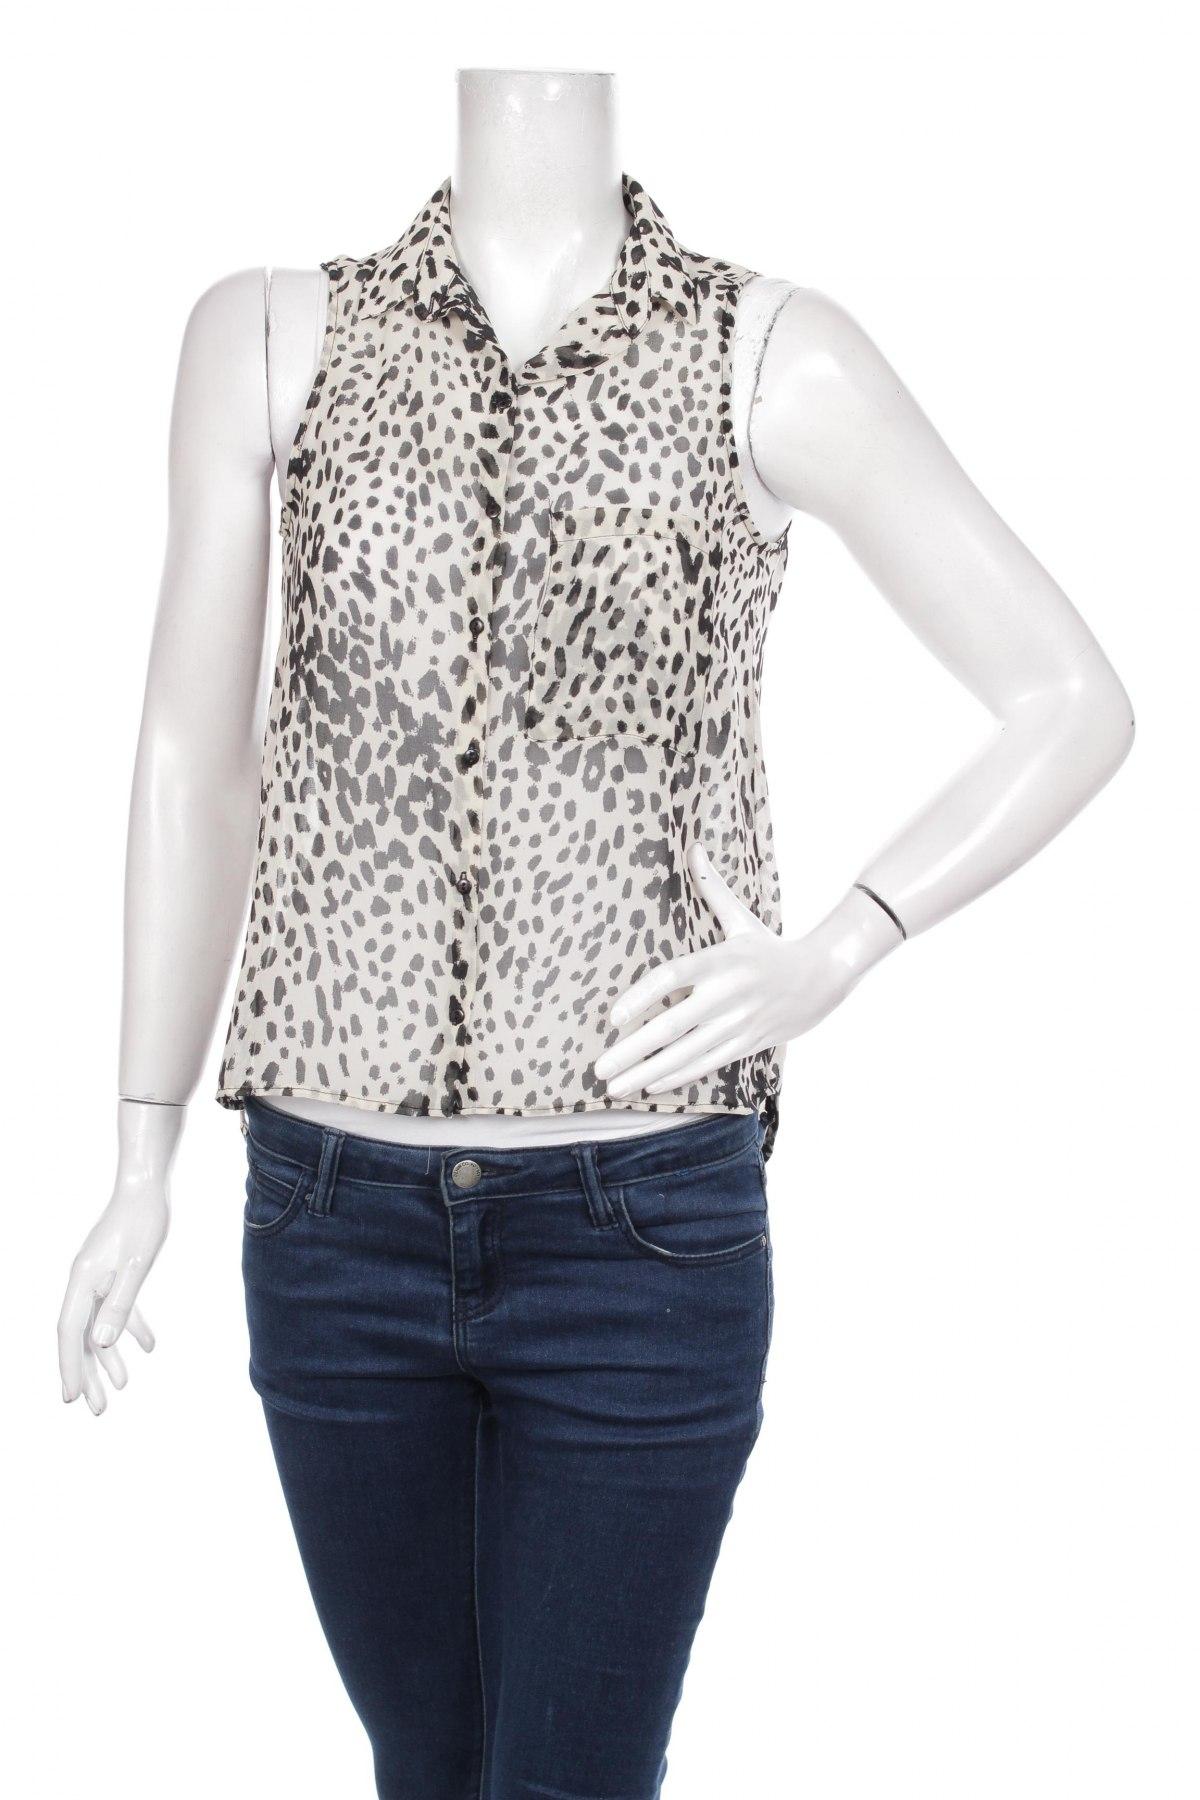 Γυναικείο πουκάμισο Bershka, Μέγεθος S, Χρώμα Γκρί, Τιμή 16,08€